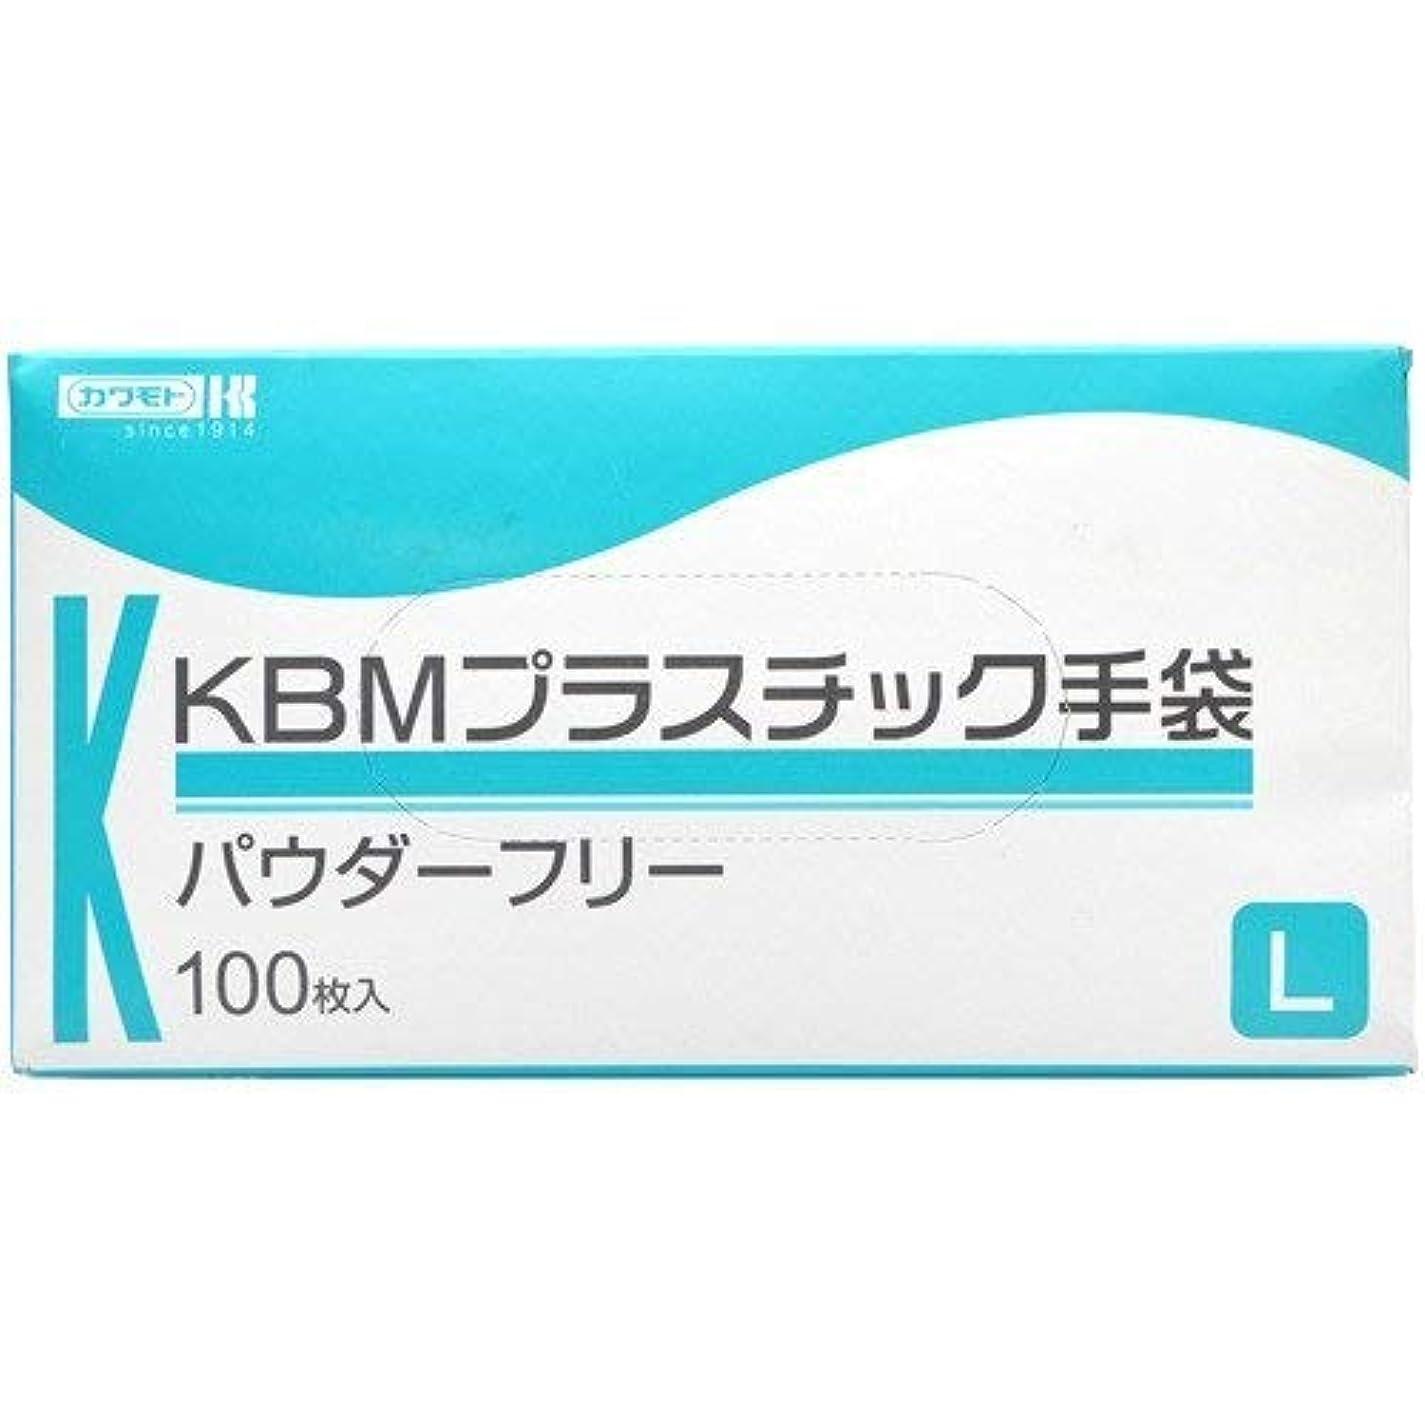 ロータリーいうサーマル川本産業 KBMプラスチック手袋 パウダーフリー L 100枚入 ×2個